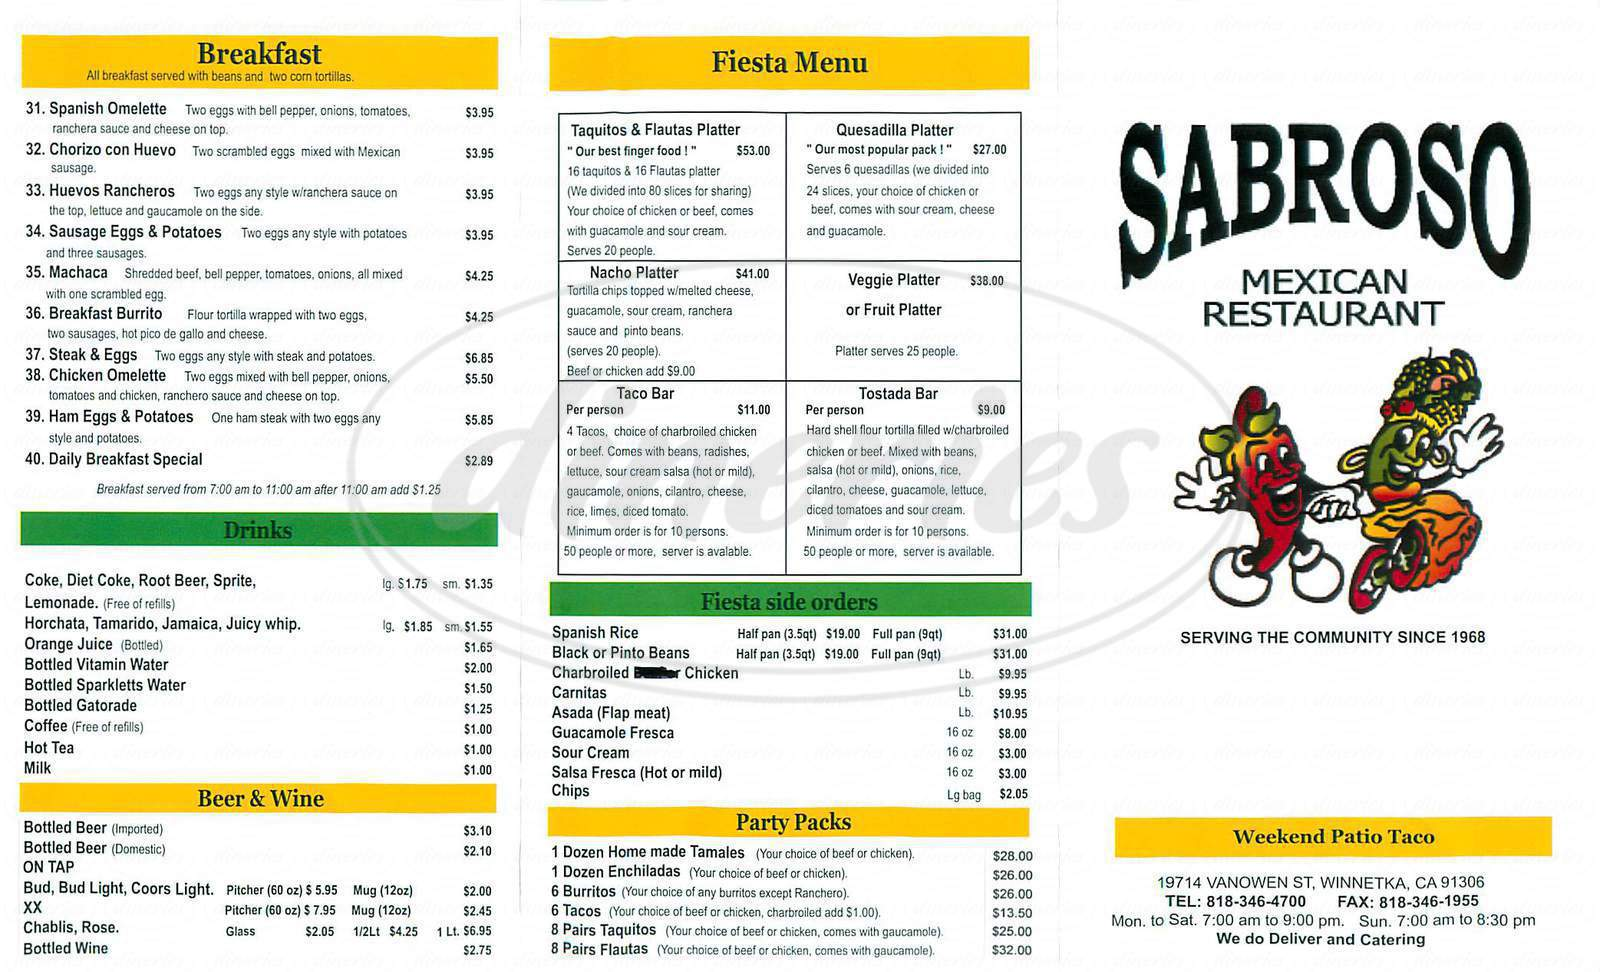 menu for Sabroso